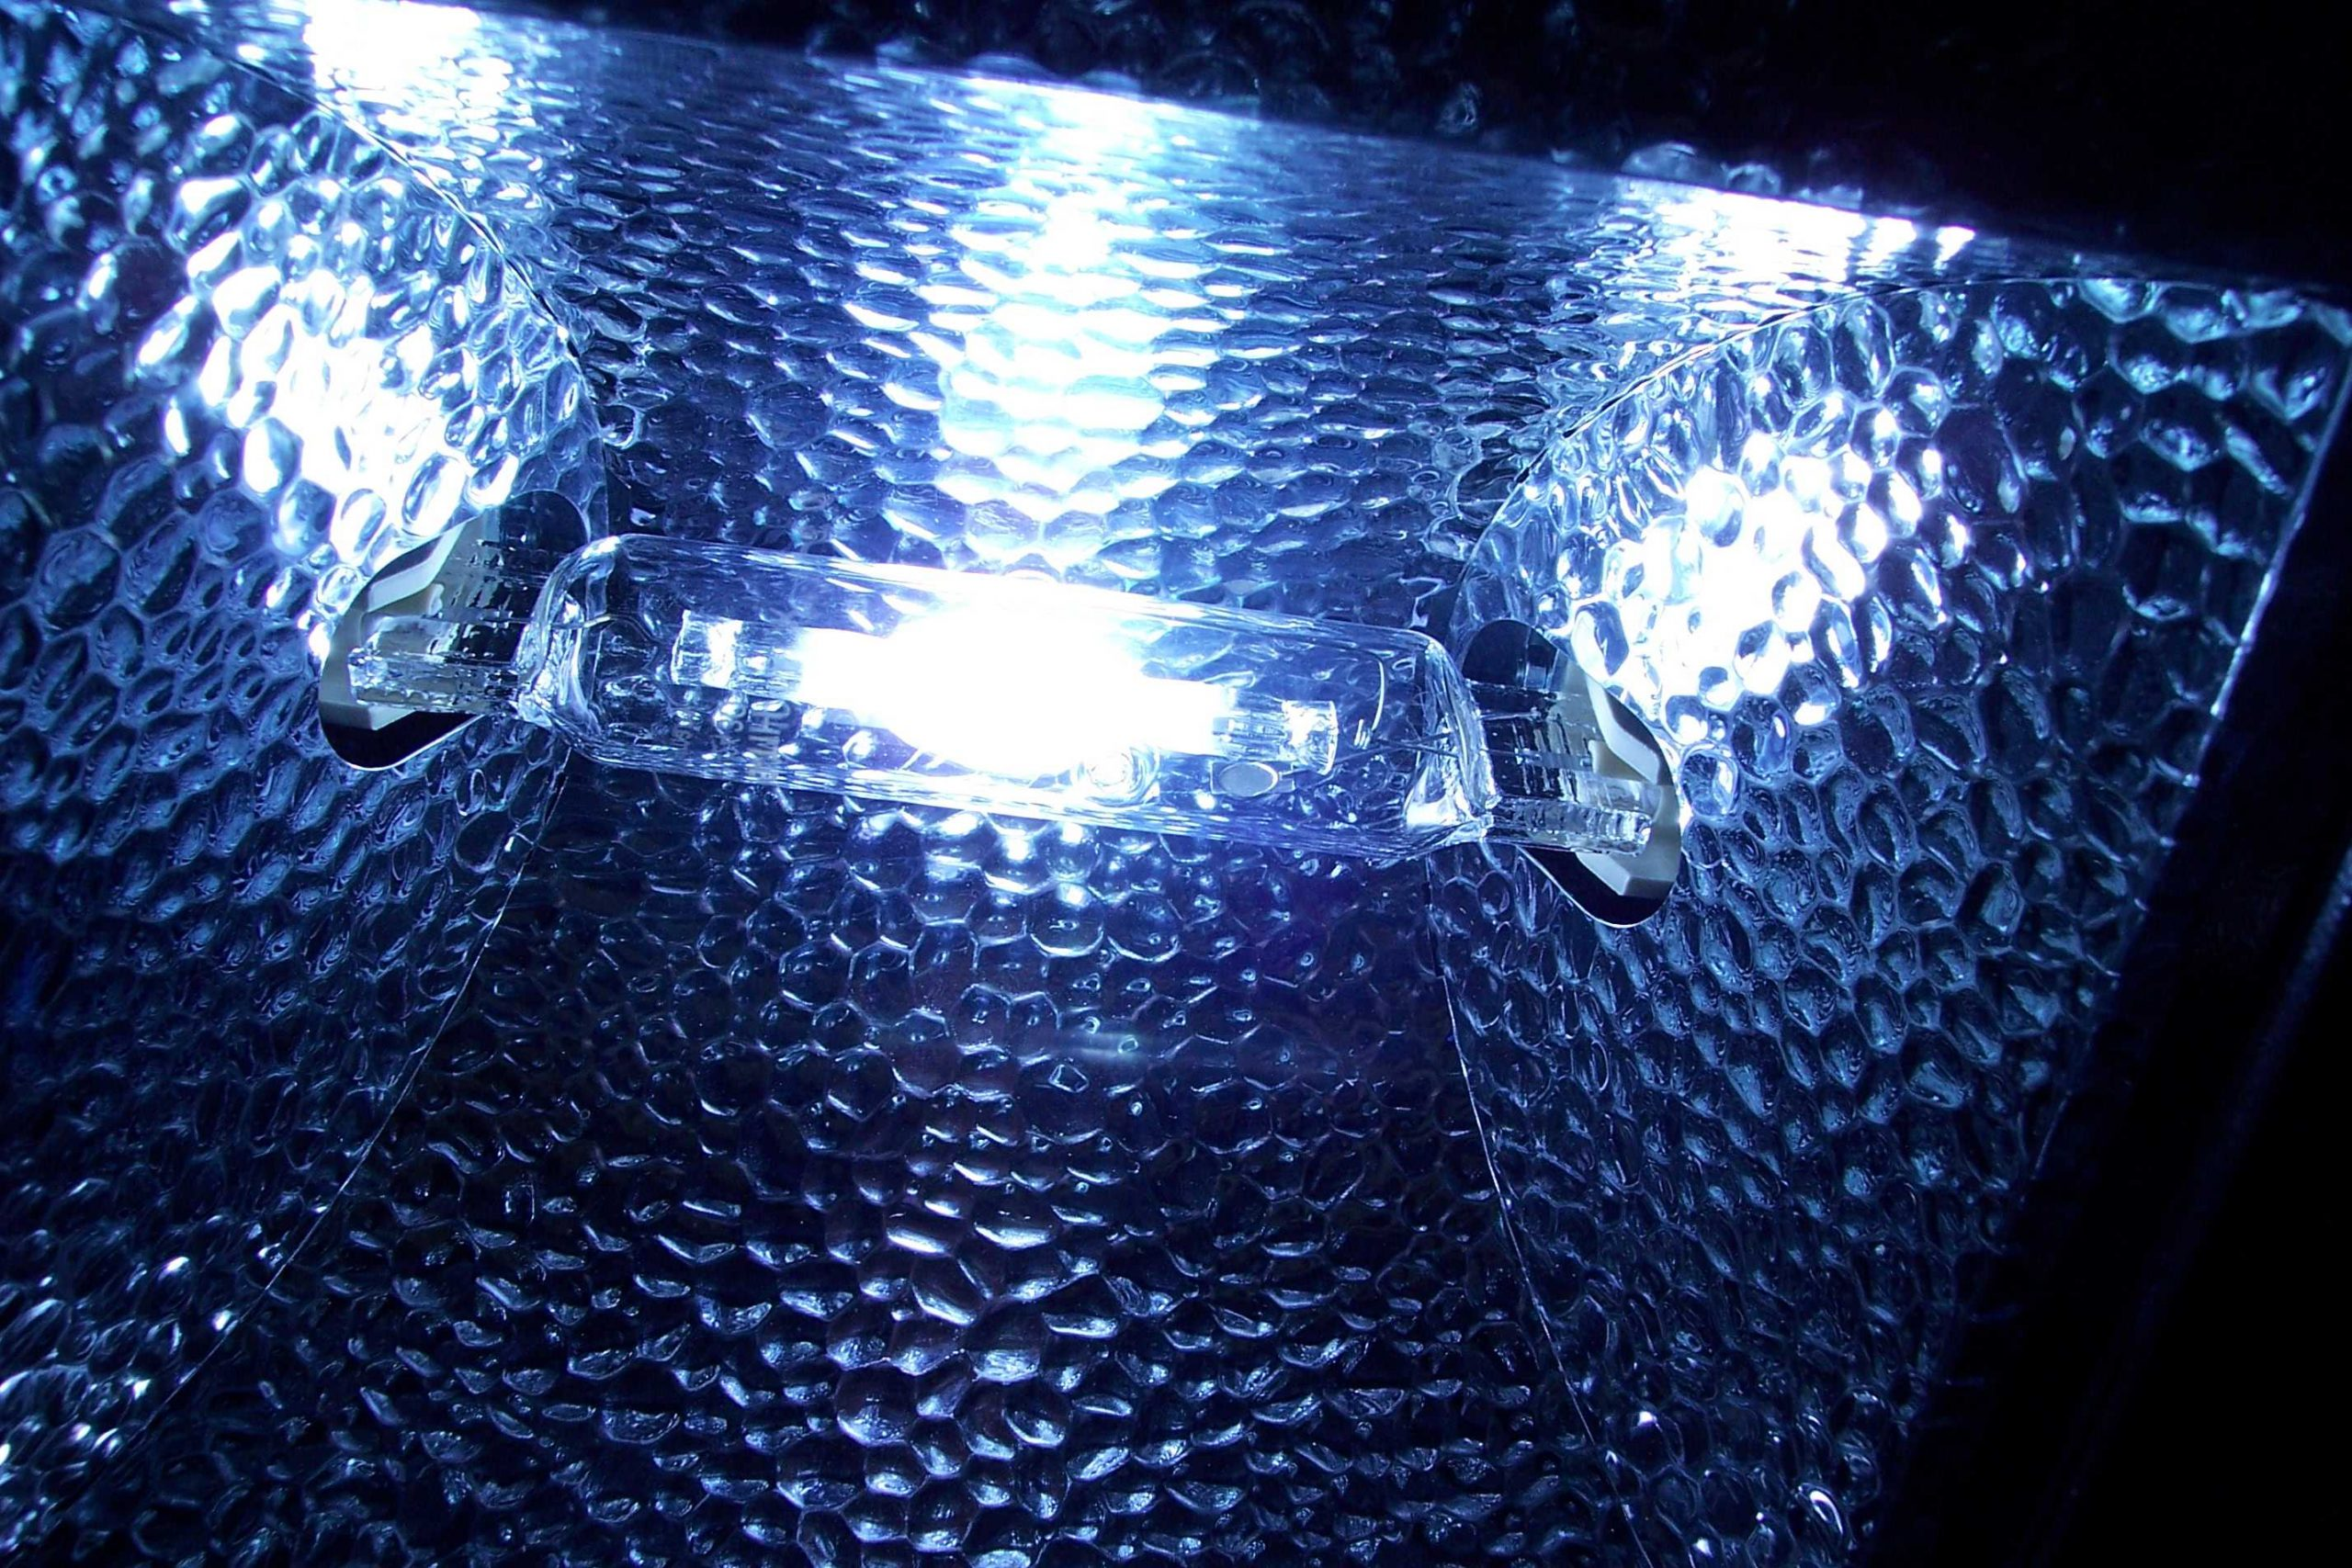 Bricolage eclairage hqi pour aqurium